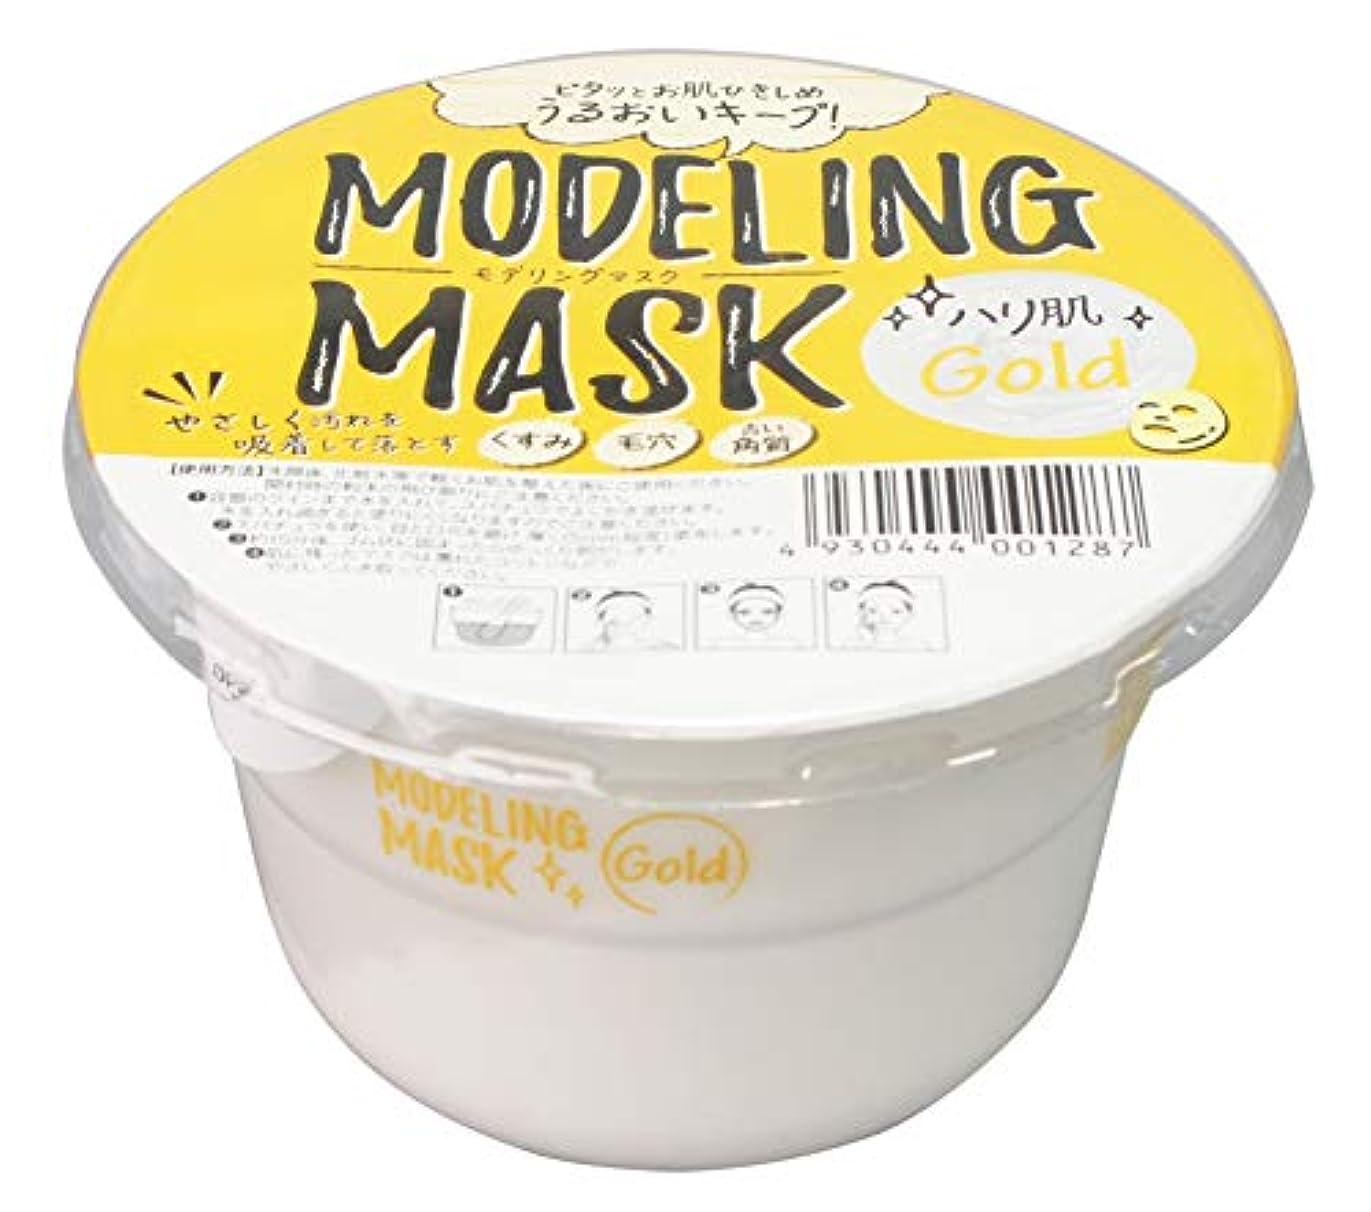 スズメバチ理解するダイト モデリングマスク Gold (28g)